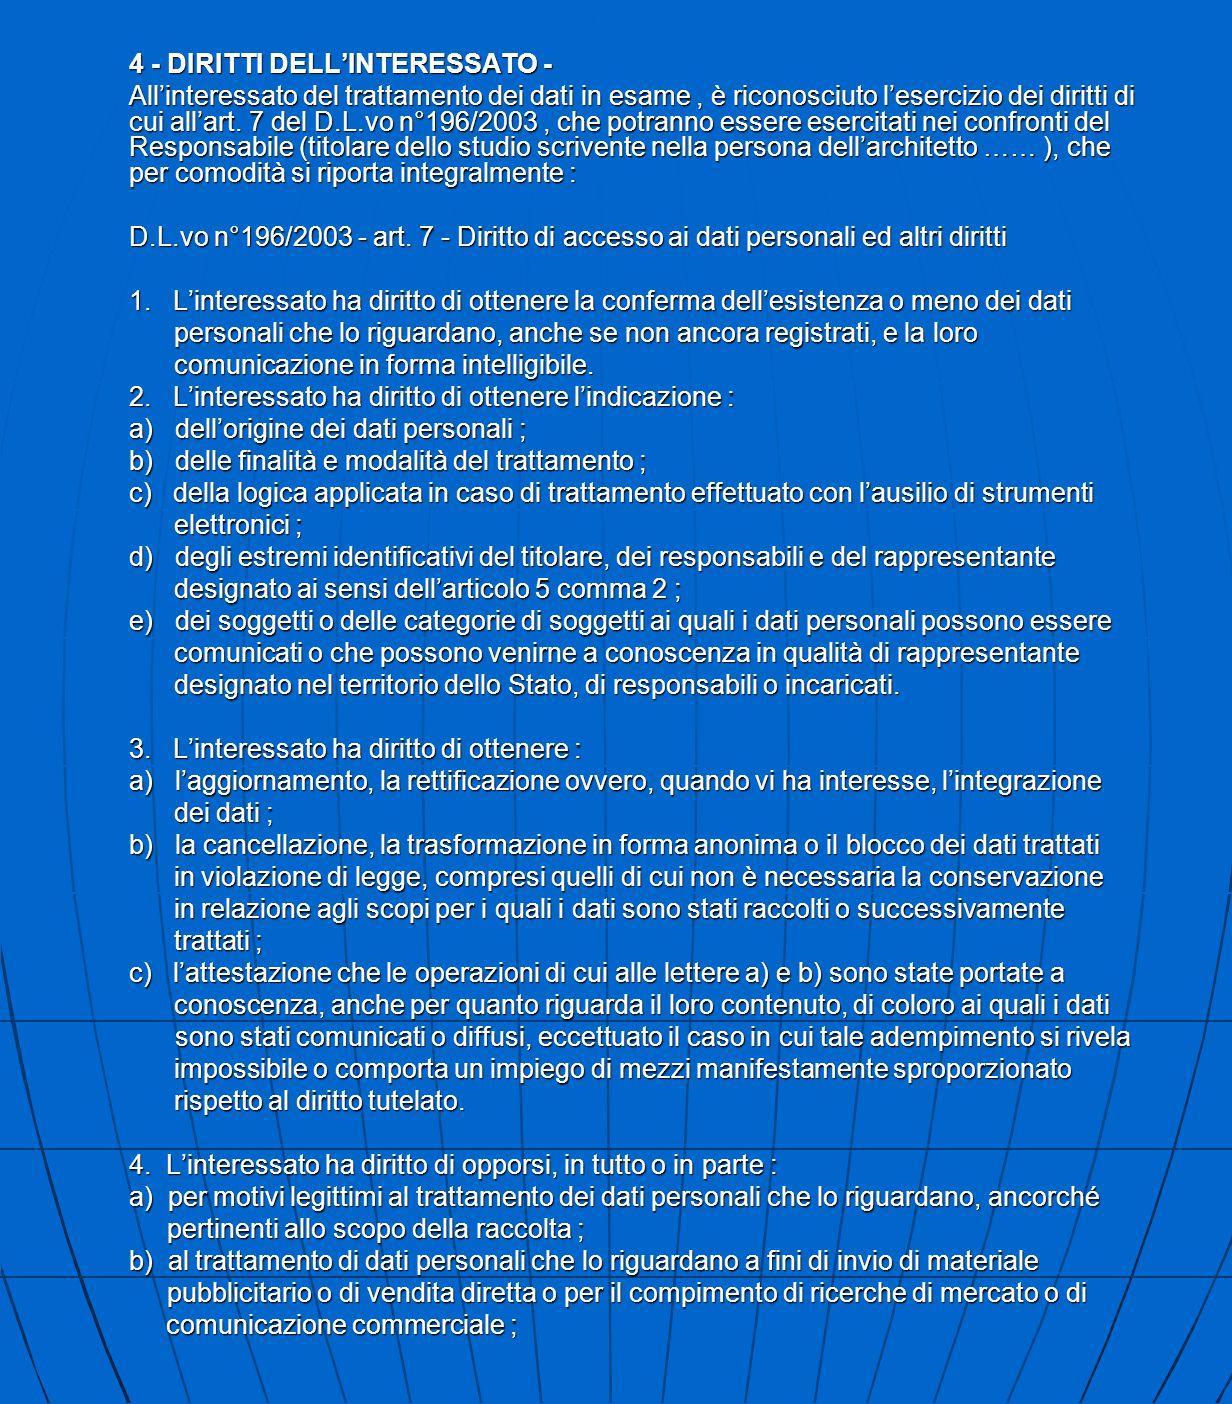 4 - DIRITTI DELL'INTERESSATO - All'interessato del trattamento dei dati in esame, è riconosciuto l'esercizio dei diritti di cui all'art. 7 del D.L.vo